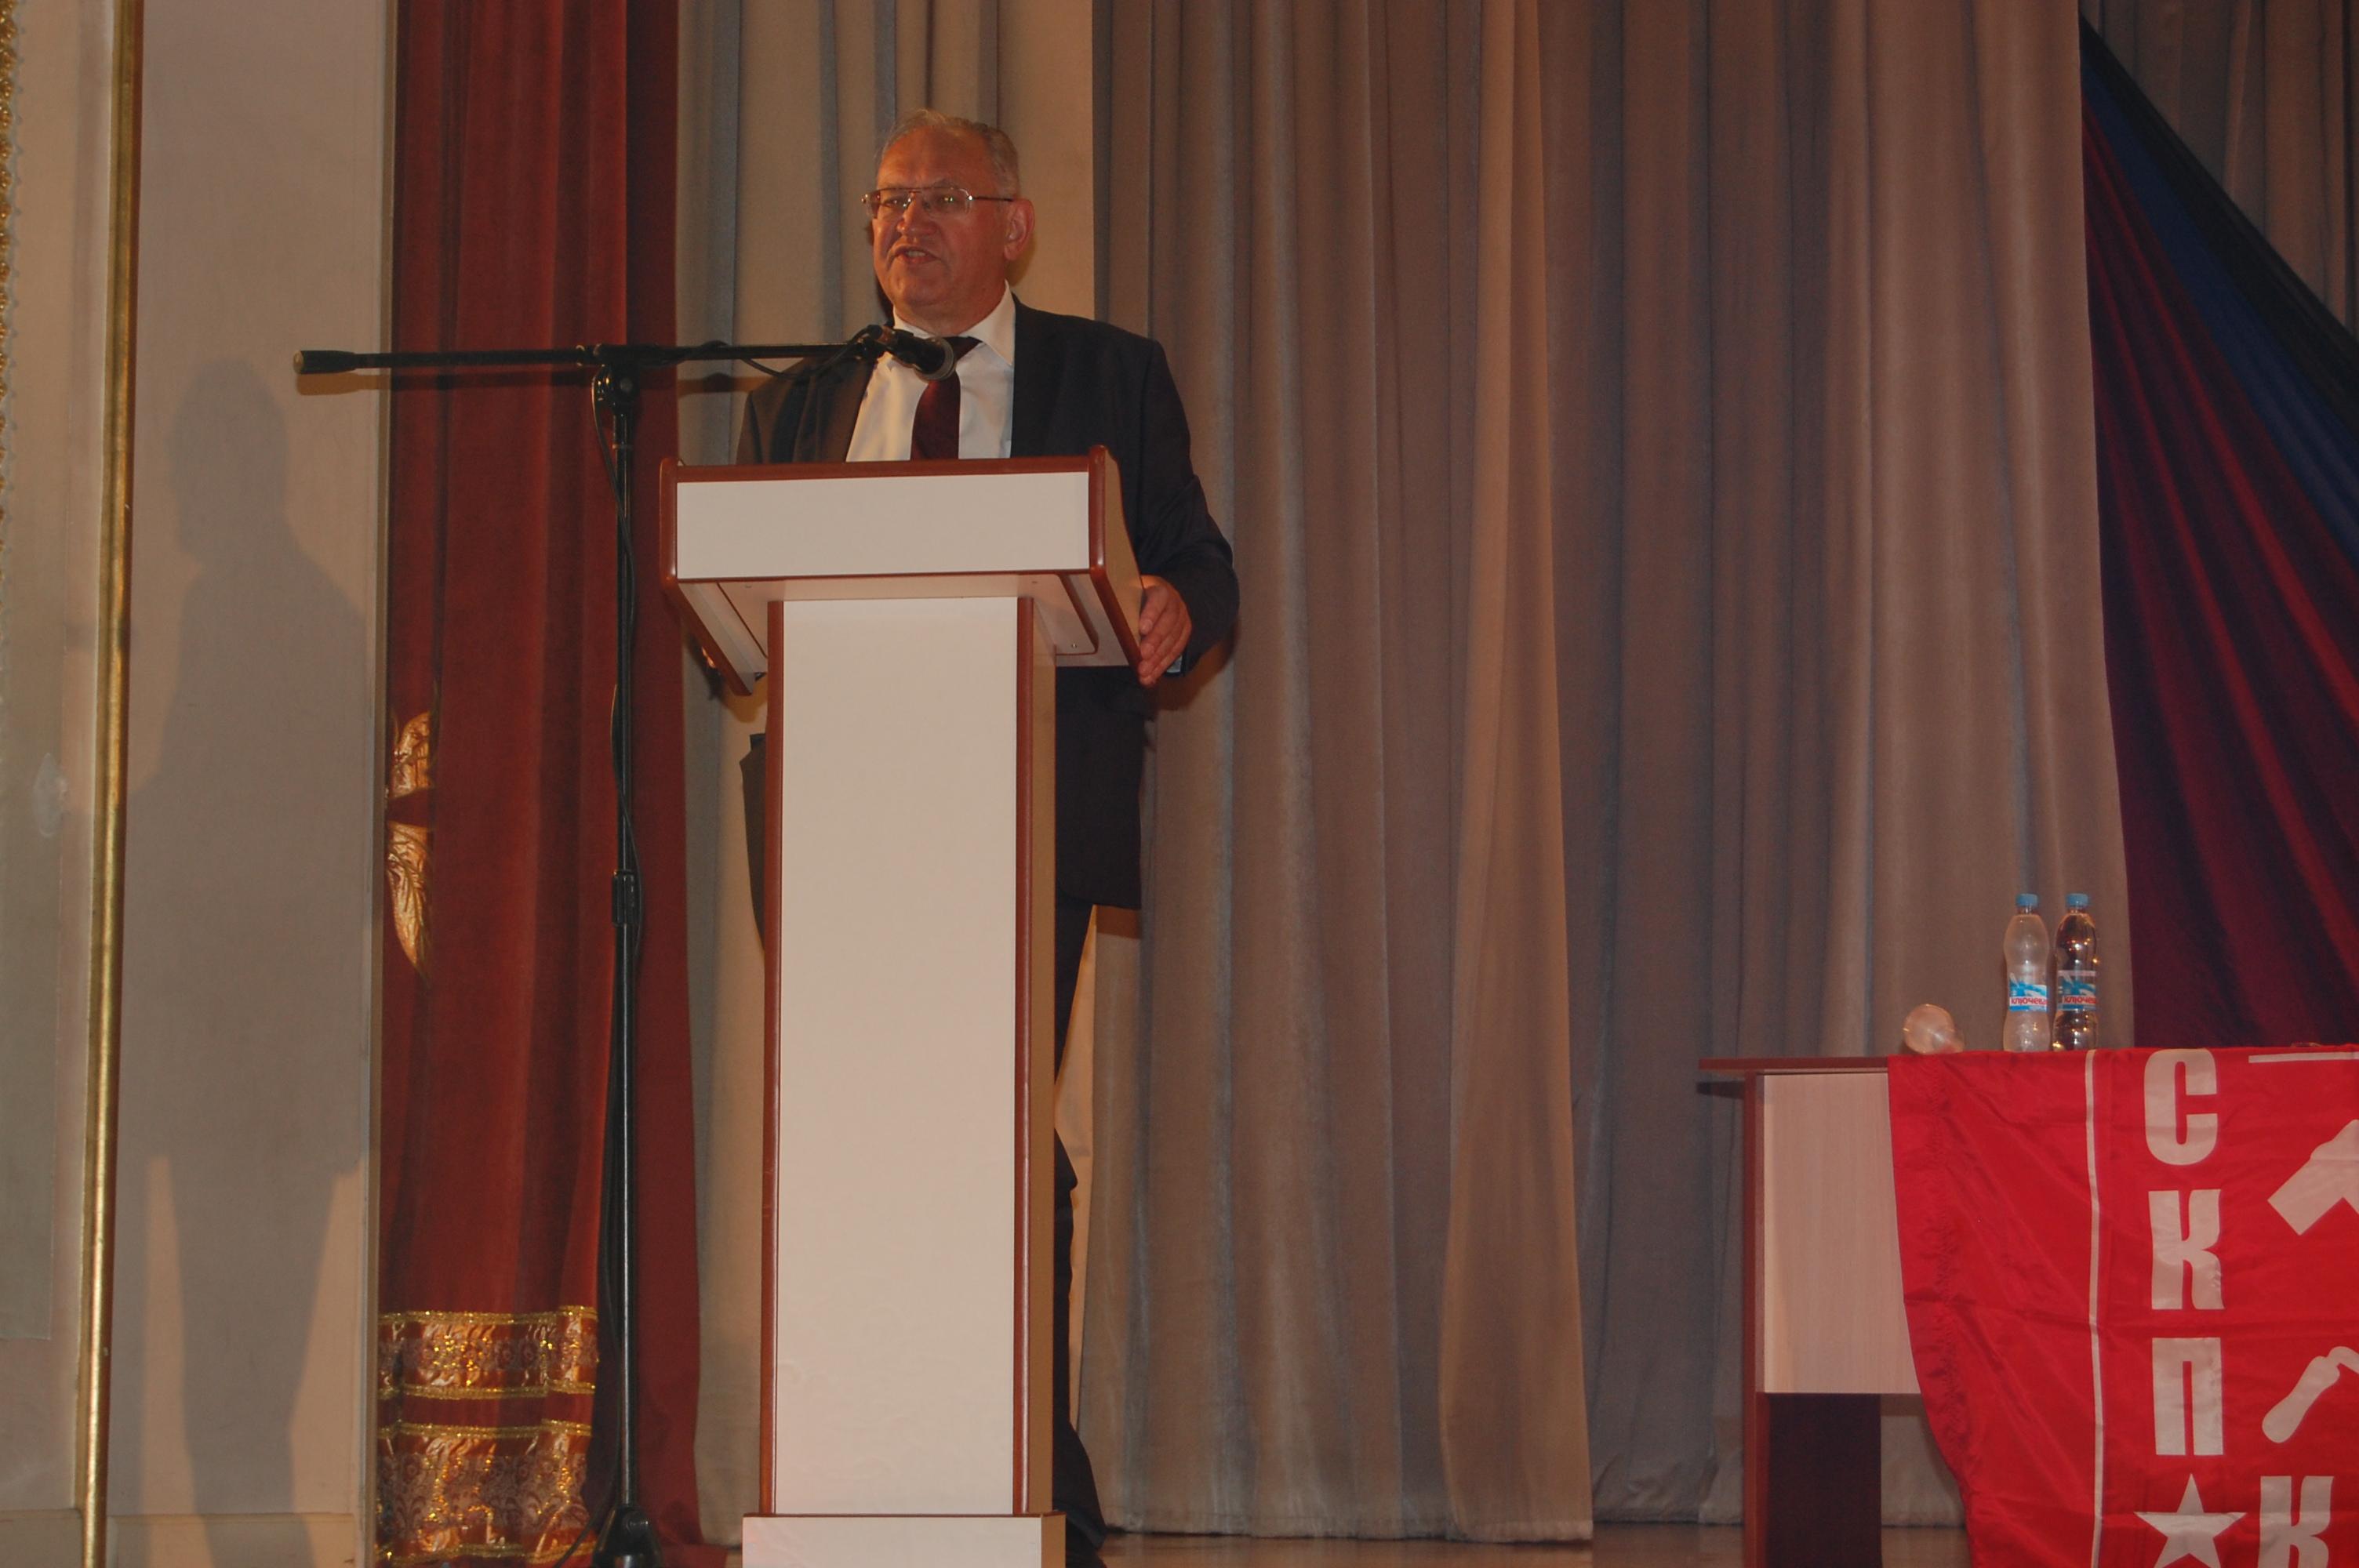 Le 8 juin c'est tenu le 5ème congrès du Parti Communiste de la République Populaire de Donetsk (KPDNR)